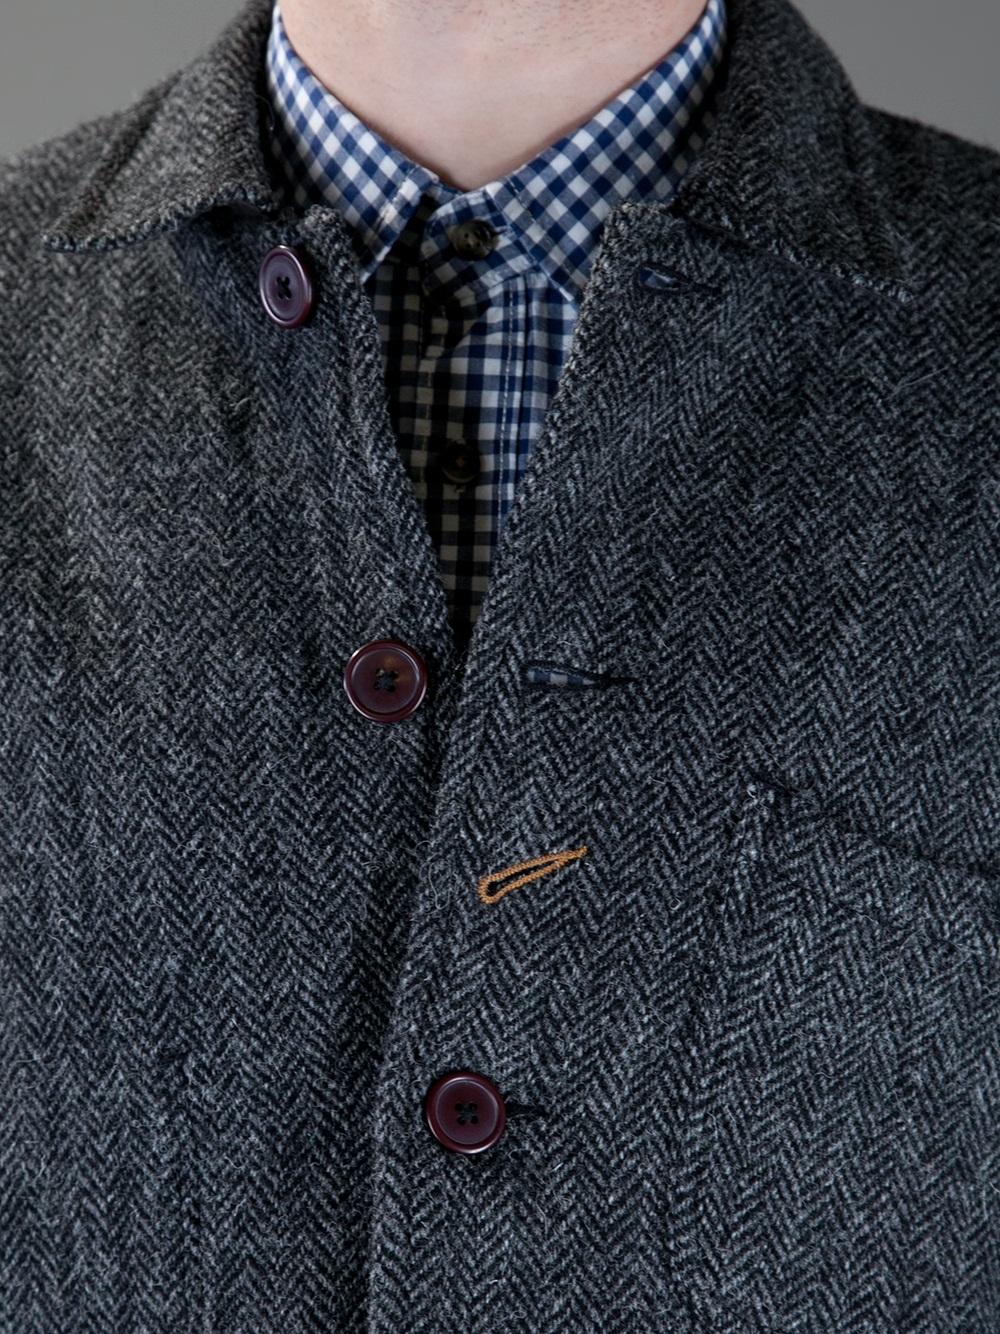 Lyst Universal Works Bakers Herringbone Jacket In Gray